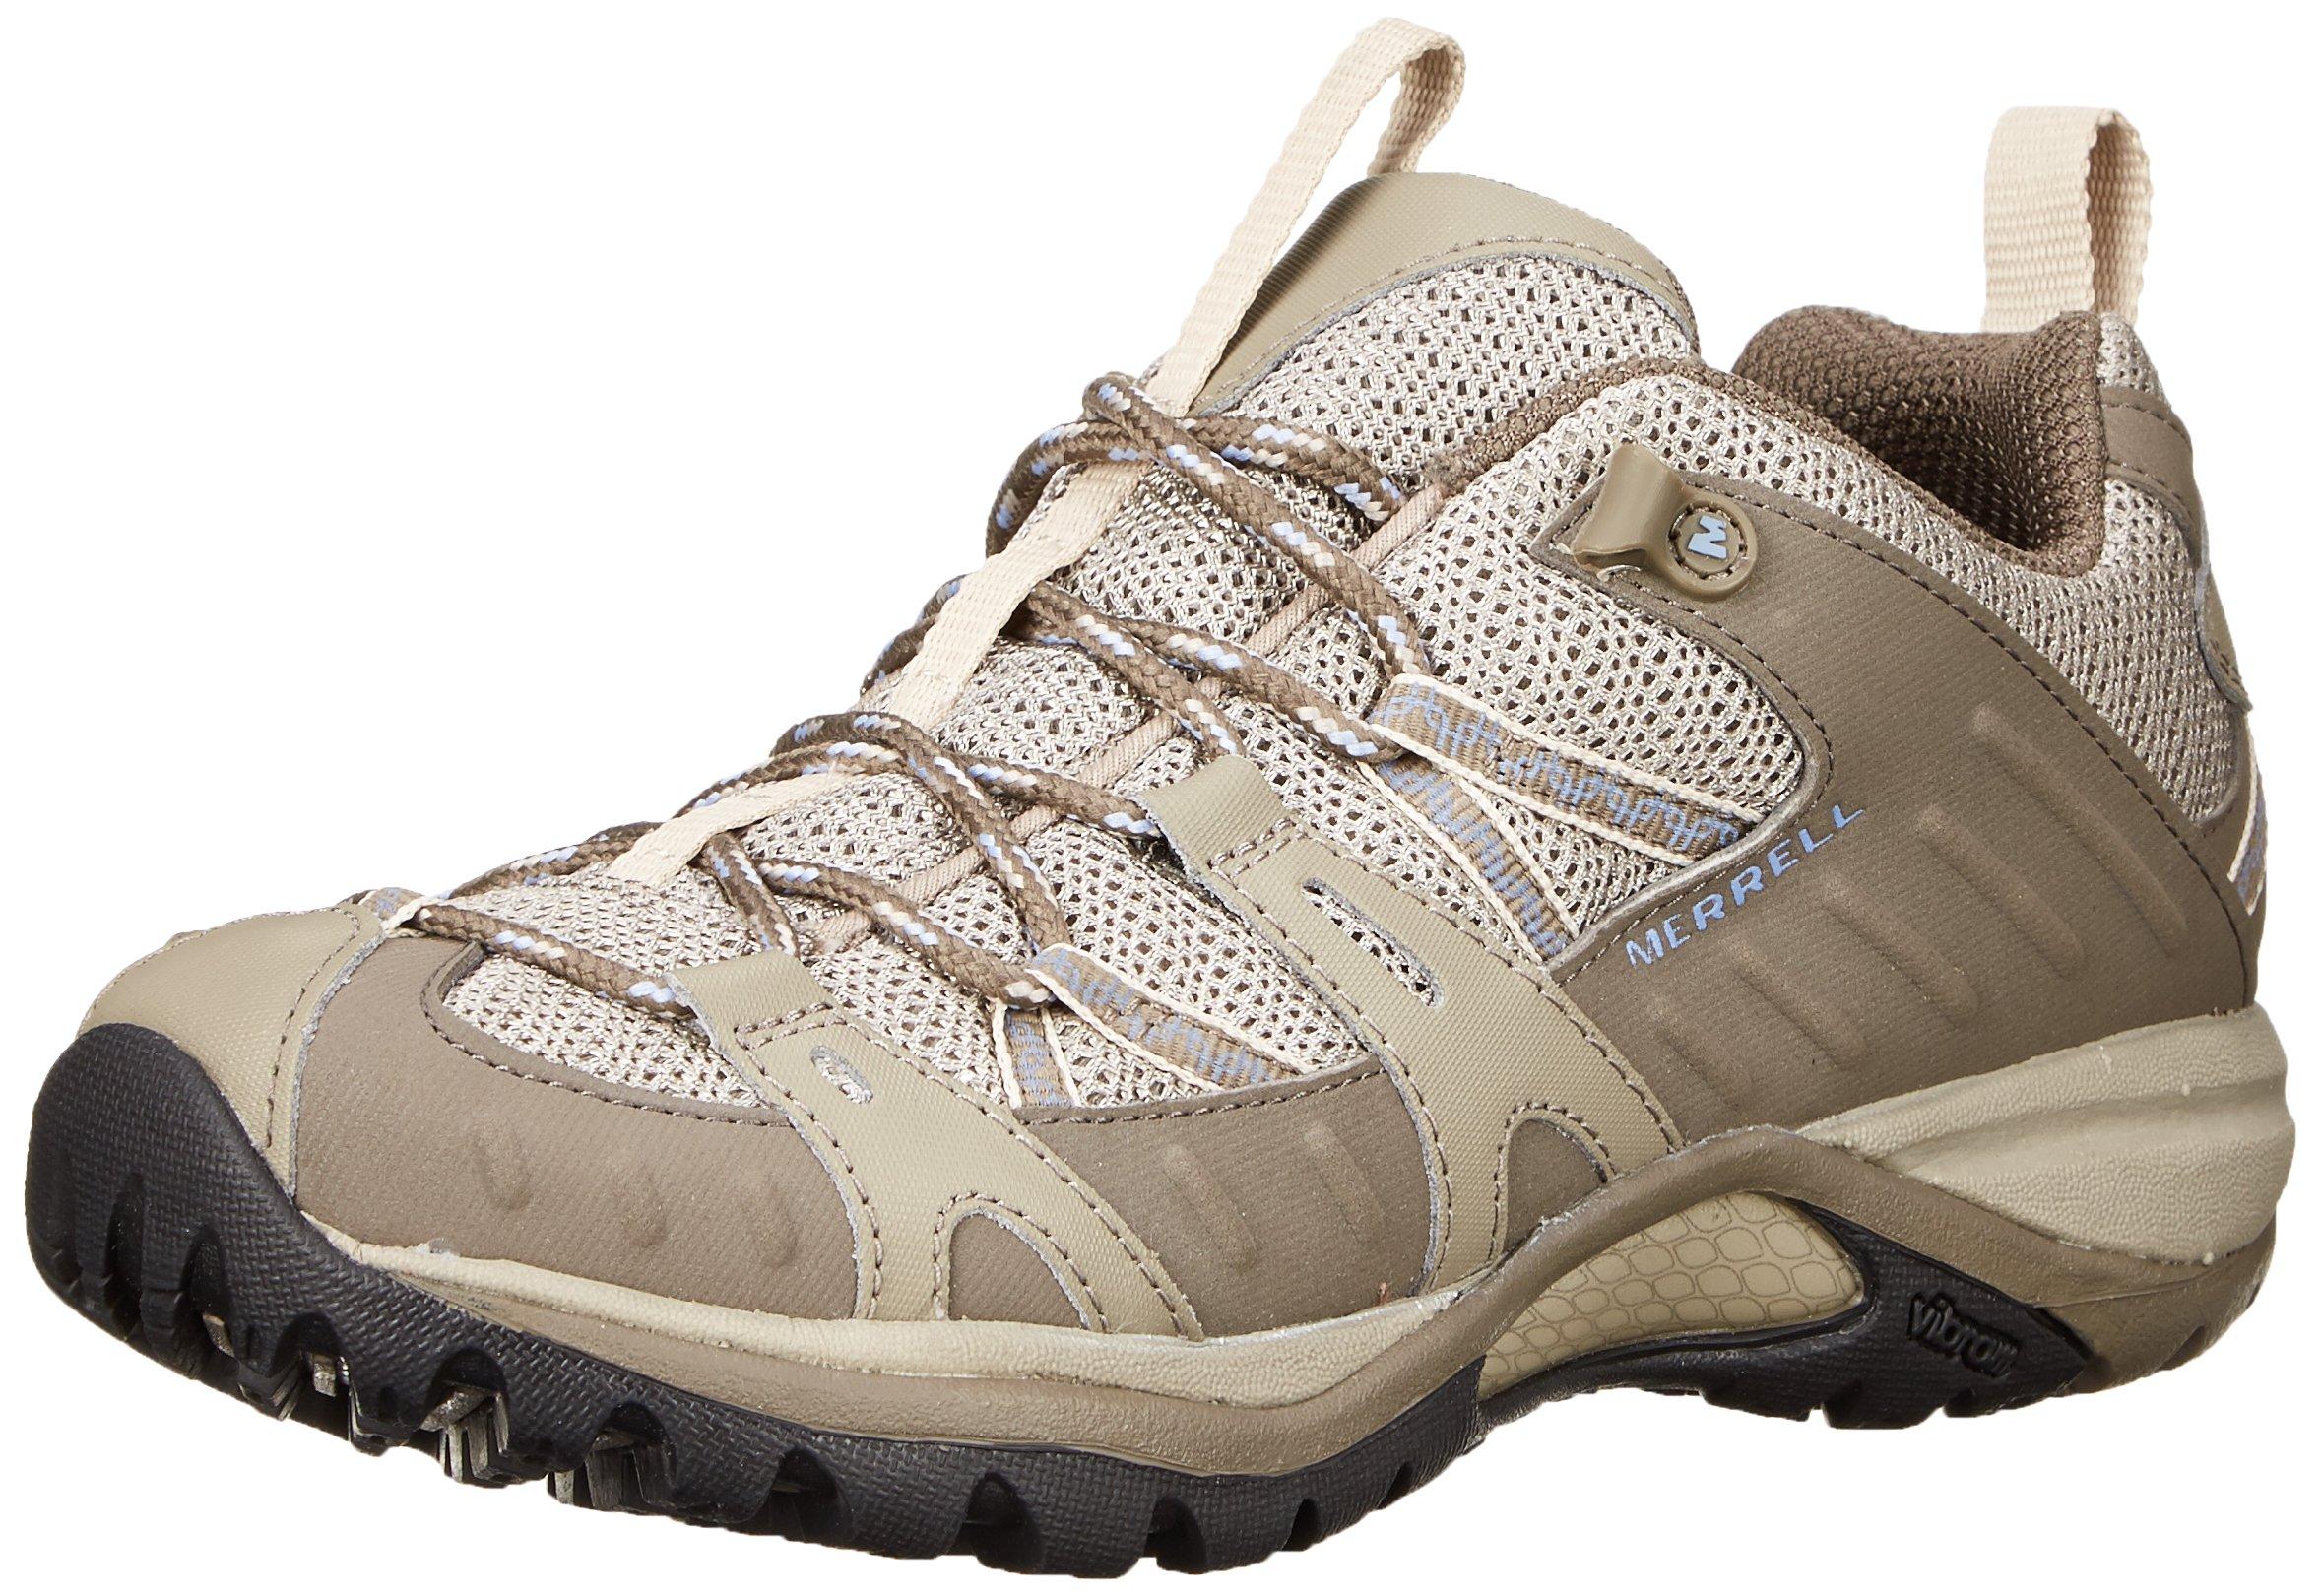 Merrell Women's Siren Sport 2 Hiking Shoe,Olive,10 W US